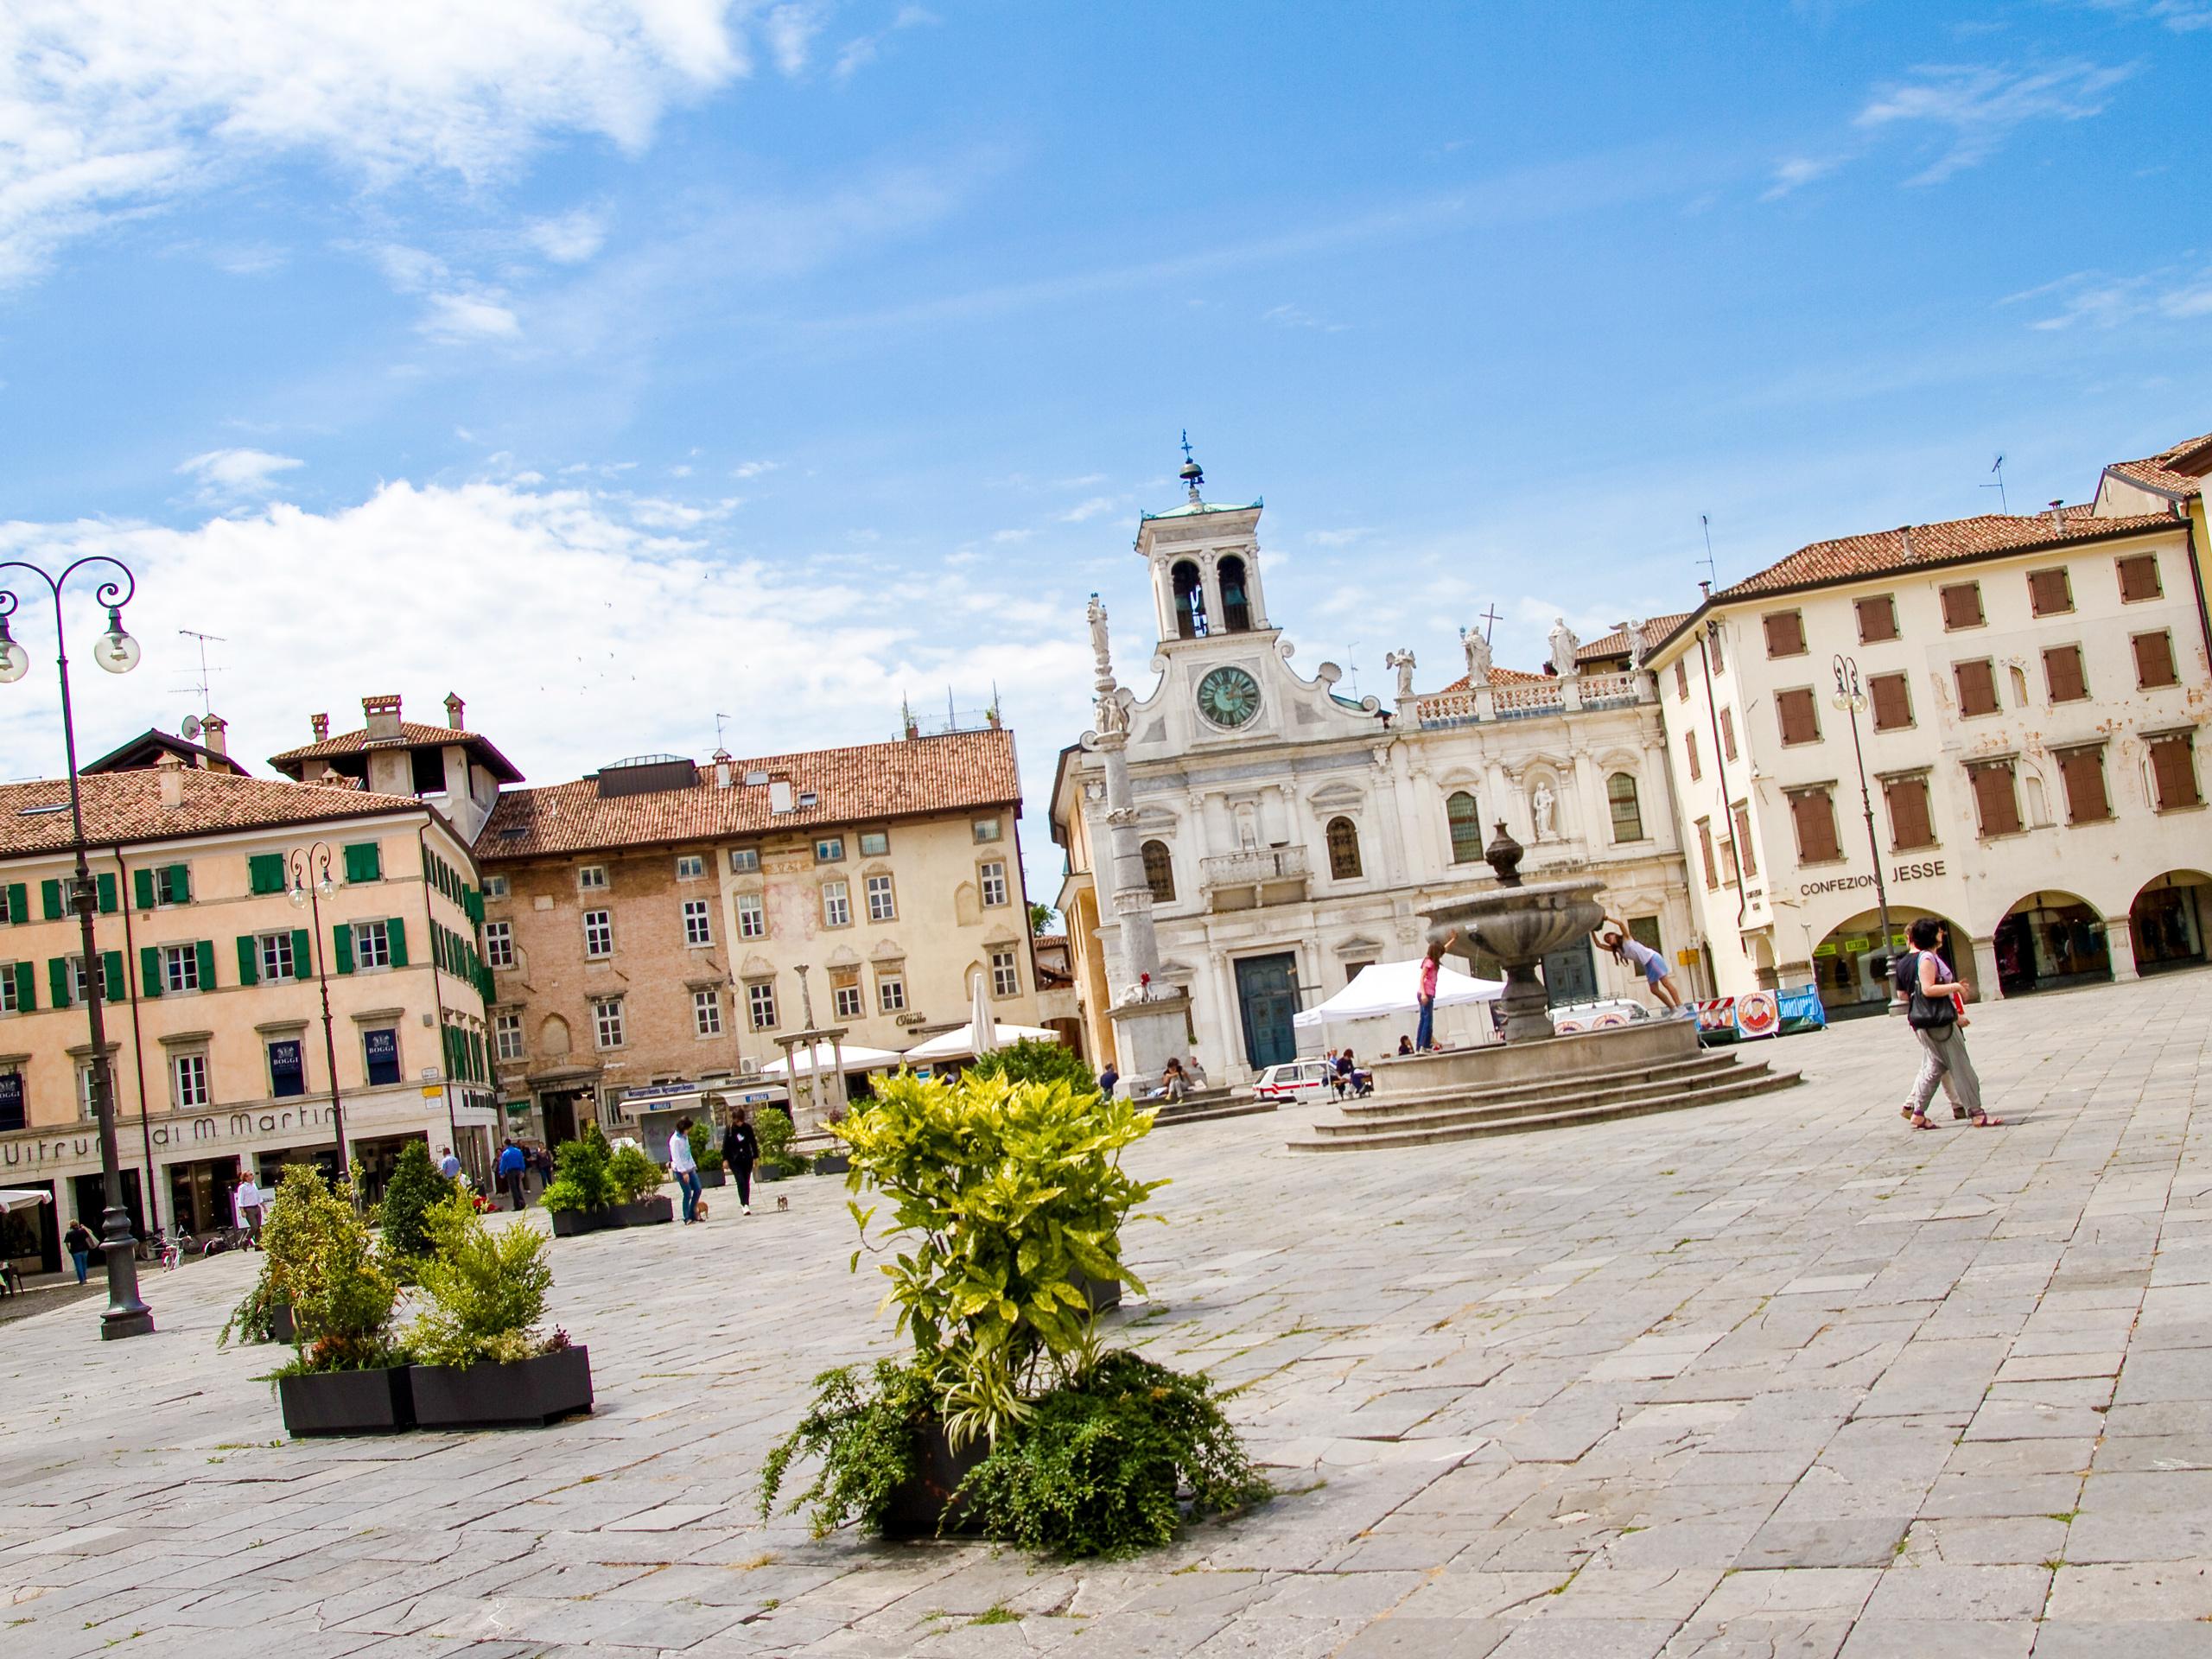 Alpe Adria Udine street view